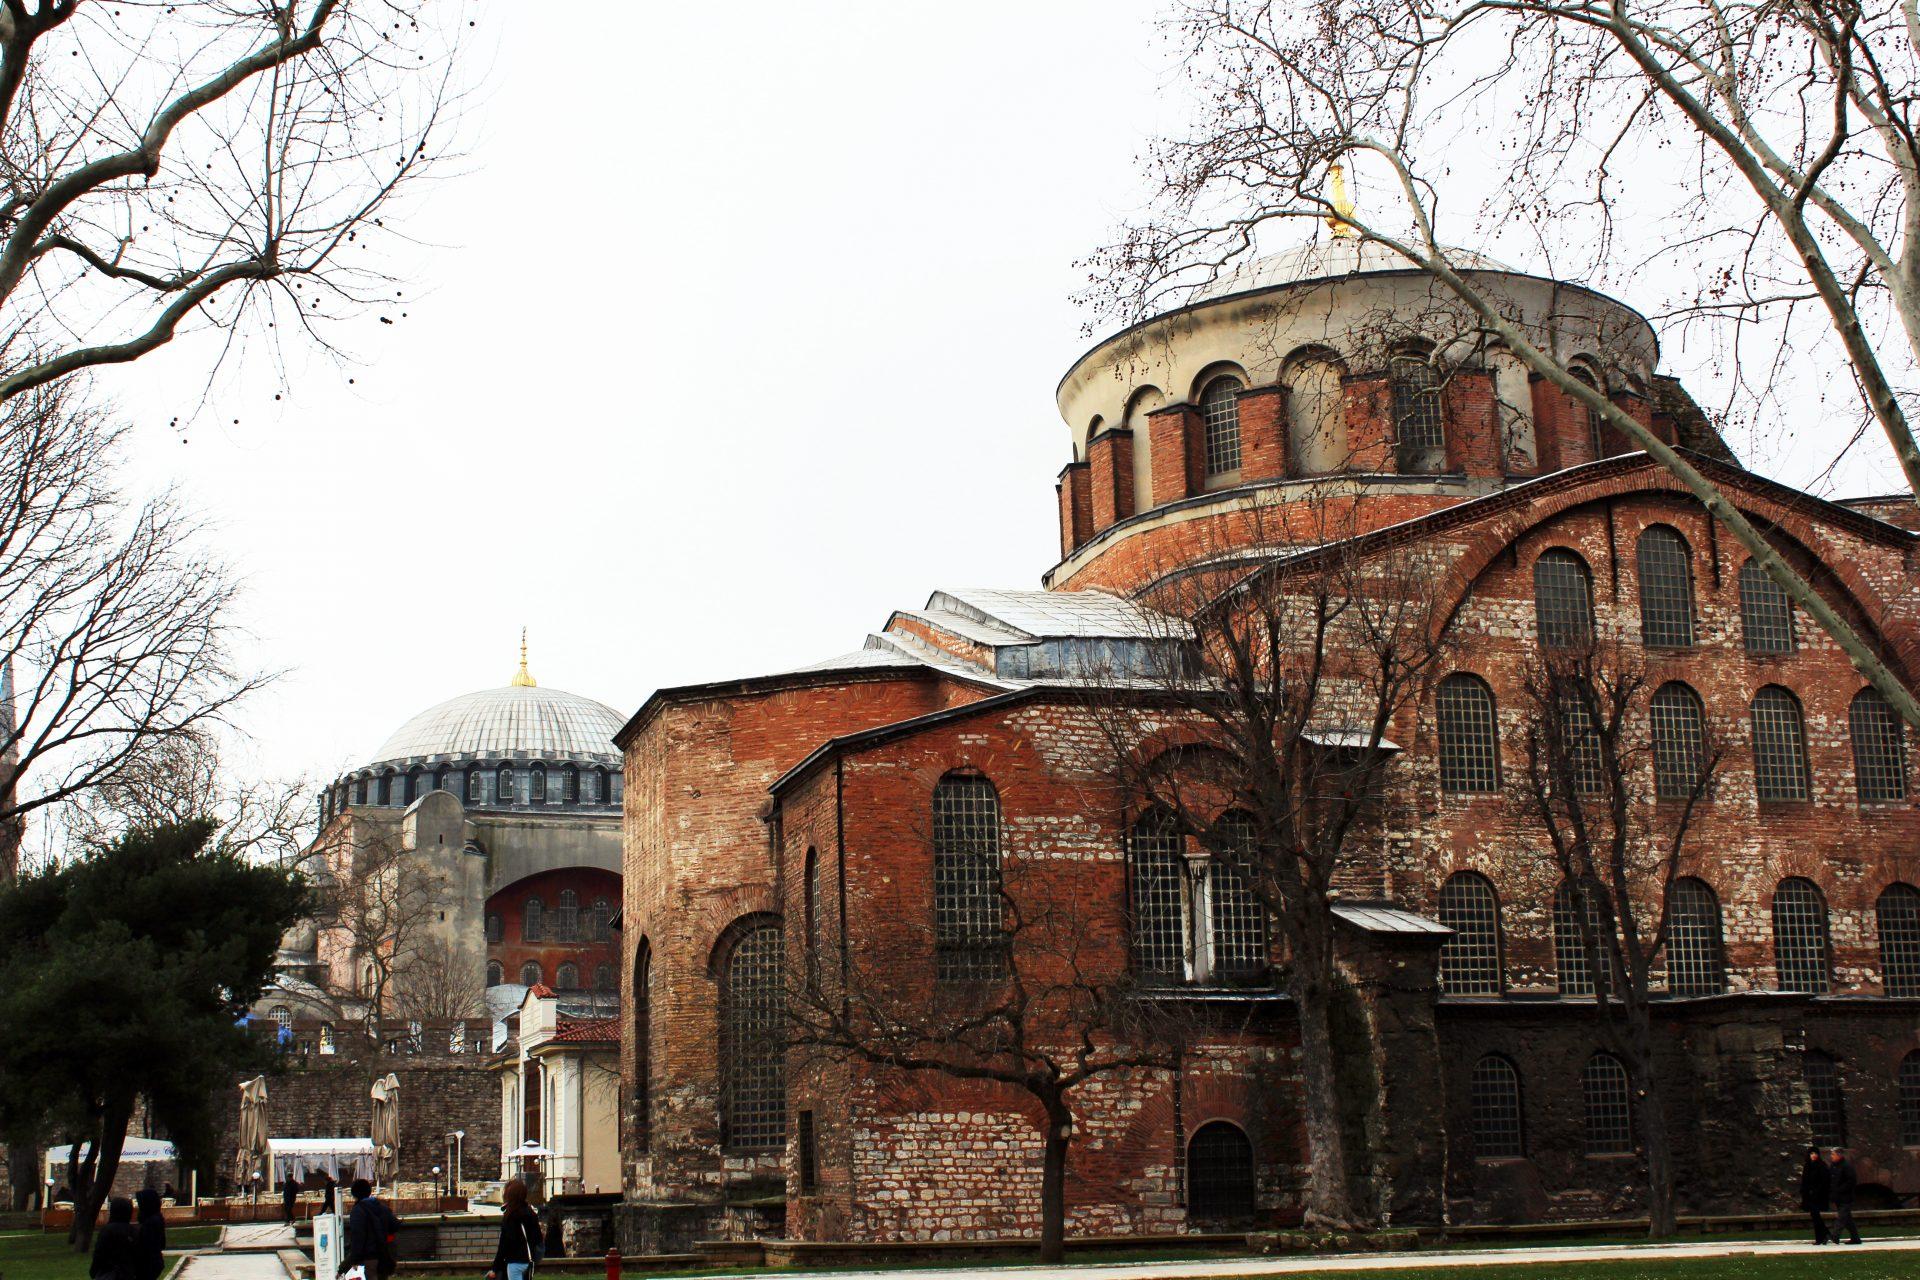 Mecma ı Âsâr ı Atika Eski Eserler Koleksiyonu Türkiyedeki Ilk Müze Oluşumudur. İstanbul Arkeoloji Müzeleri Temelini Oluşturur. Koleksiyon Başlangıçya Aya İrinide Toplatıldı